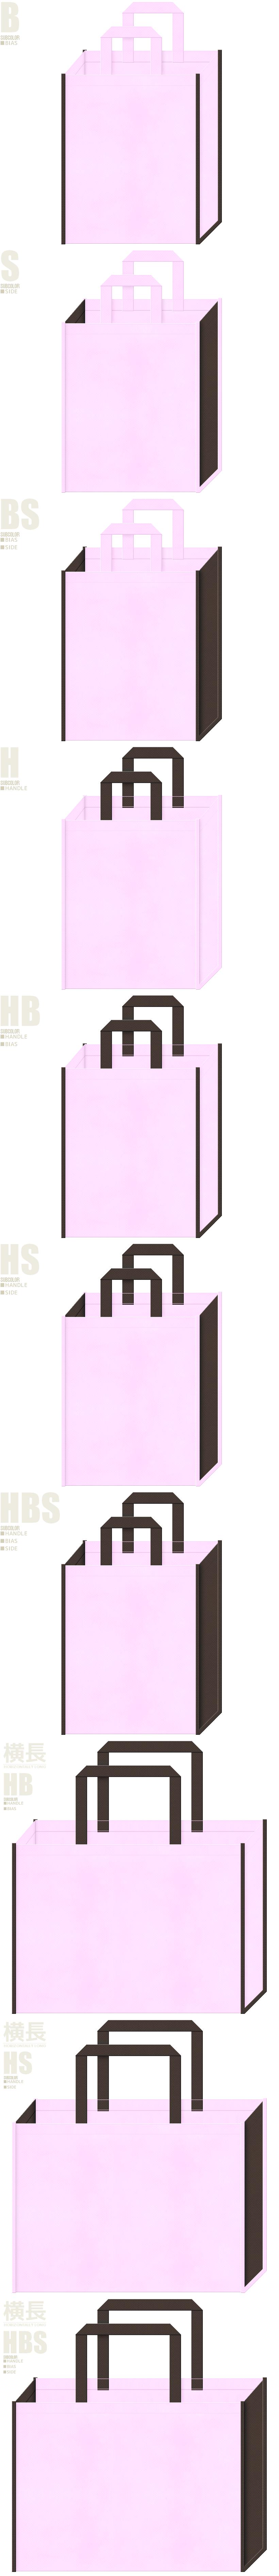 観光・花見・桜餅・いちご大福・和菓子・チョコレート・スイーツ・成人式・卒業式・学校・学園・オープンキャンパス・写真館・和風催事・ガーリーデザインにお奨めの不織布バッグデザイン:明るいピンク色とこげ茶色の配色7パターン。